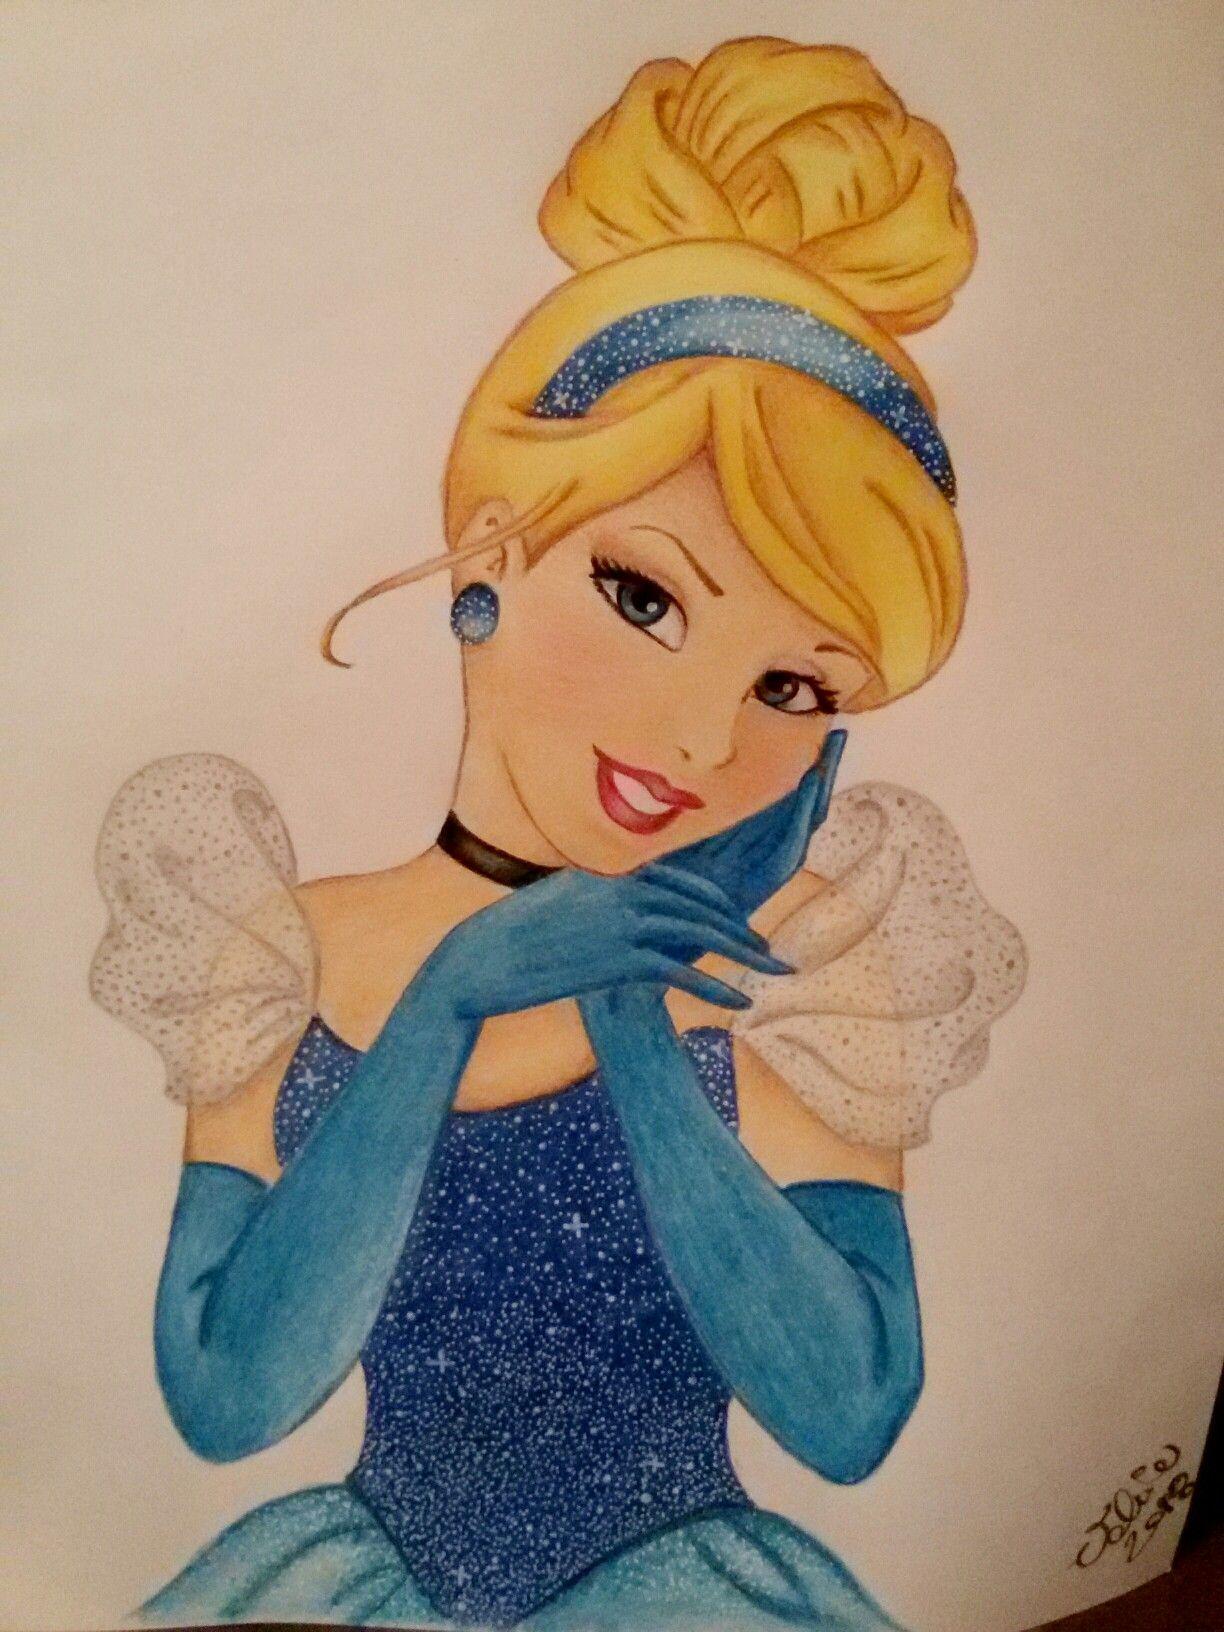 Disney Cinderella Coloured Pencils Draw 2018 Prestvalart 84 Cartoon Drawings Disney Cartoon Drawings Easy Disney Drawings